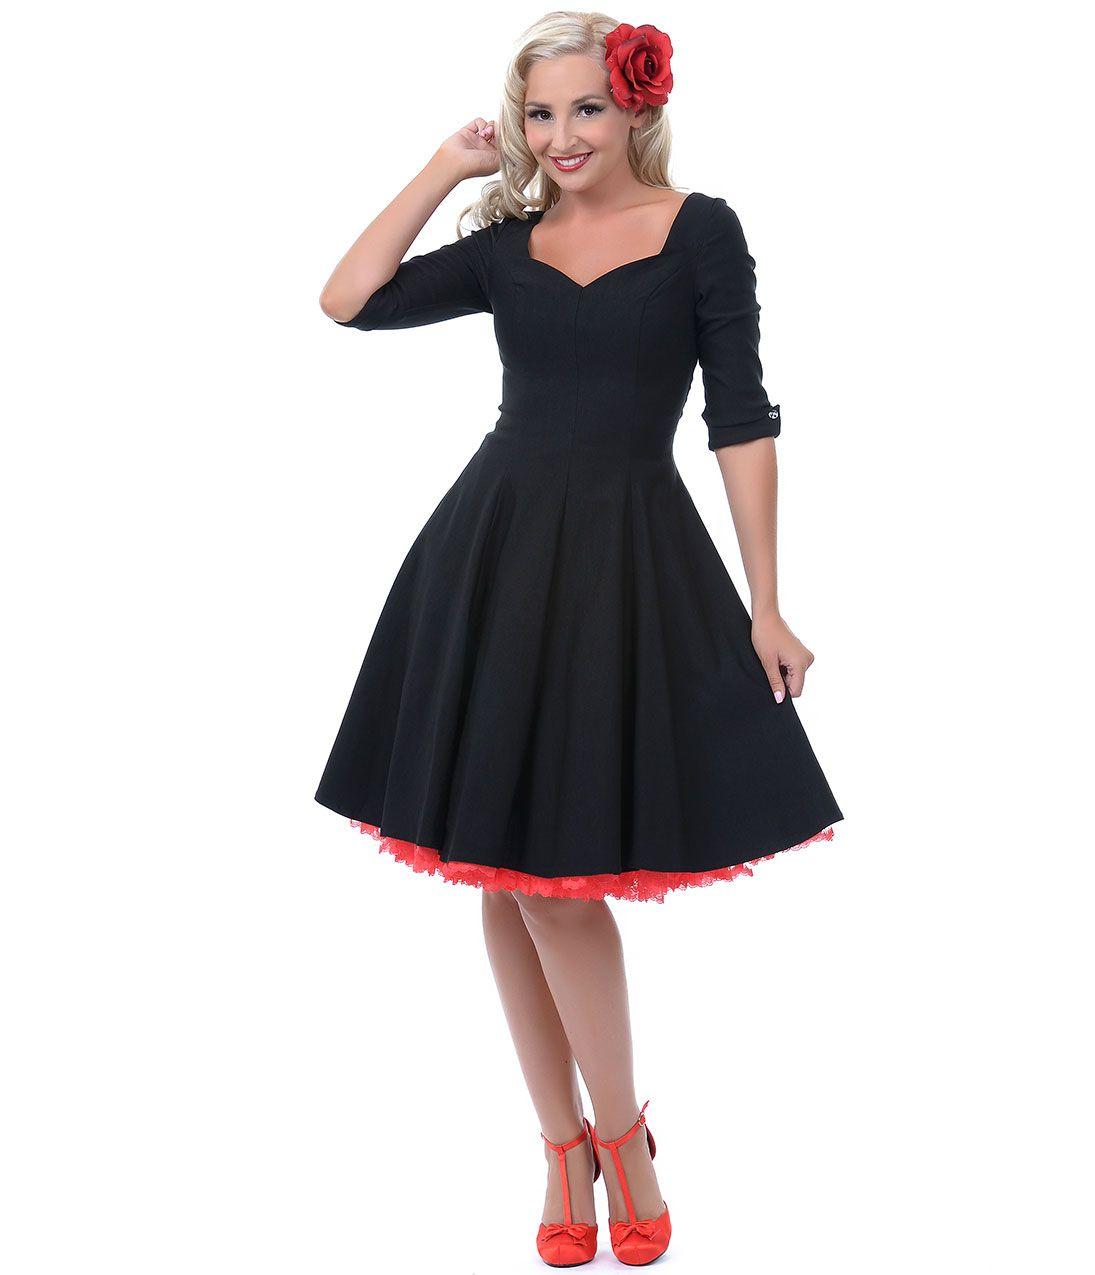 S dressesvintage dressblack dressparty dressespinup girlpin